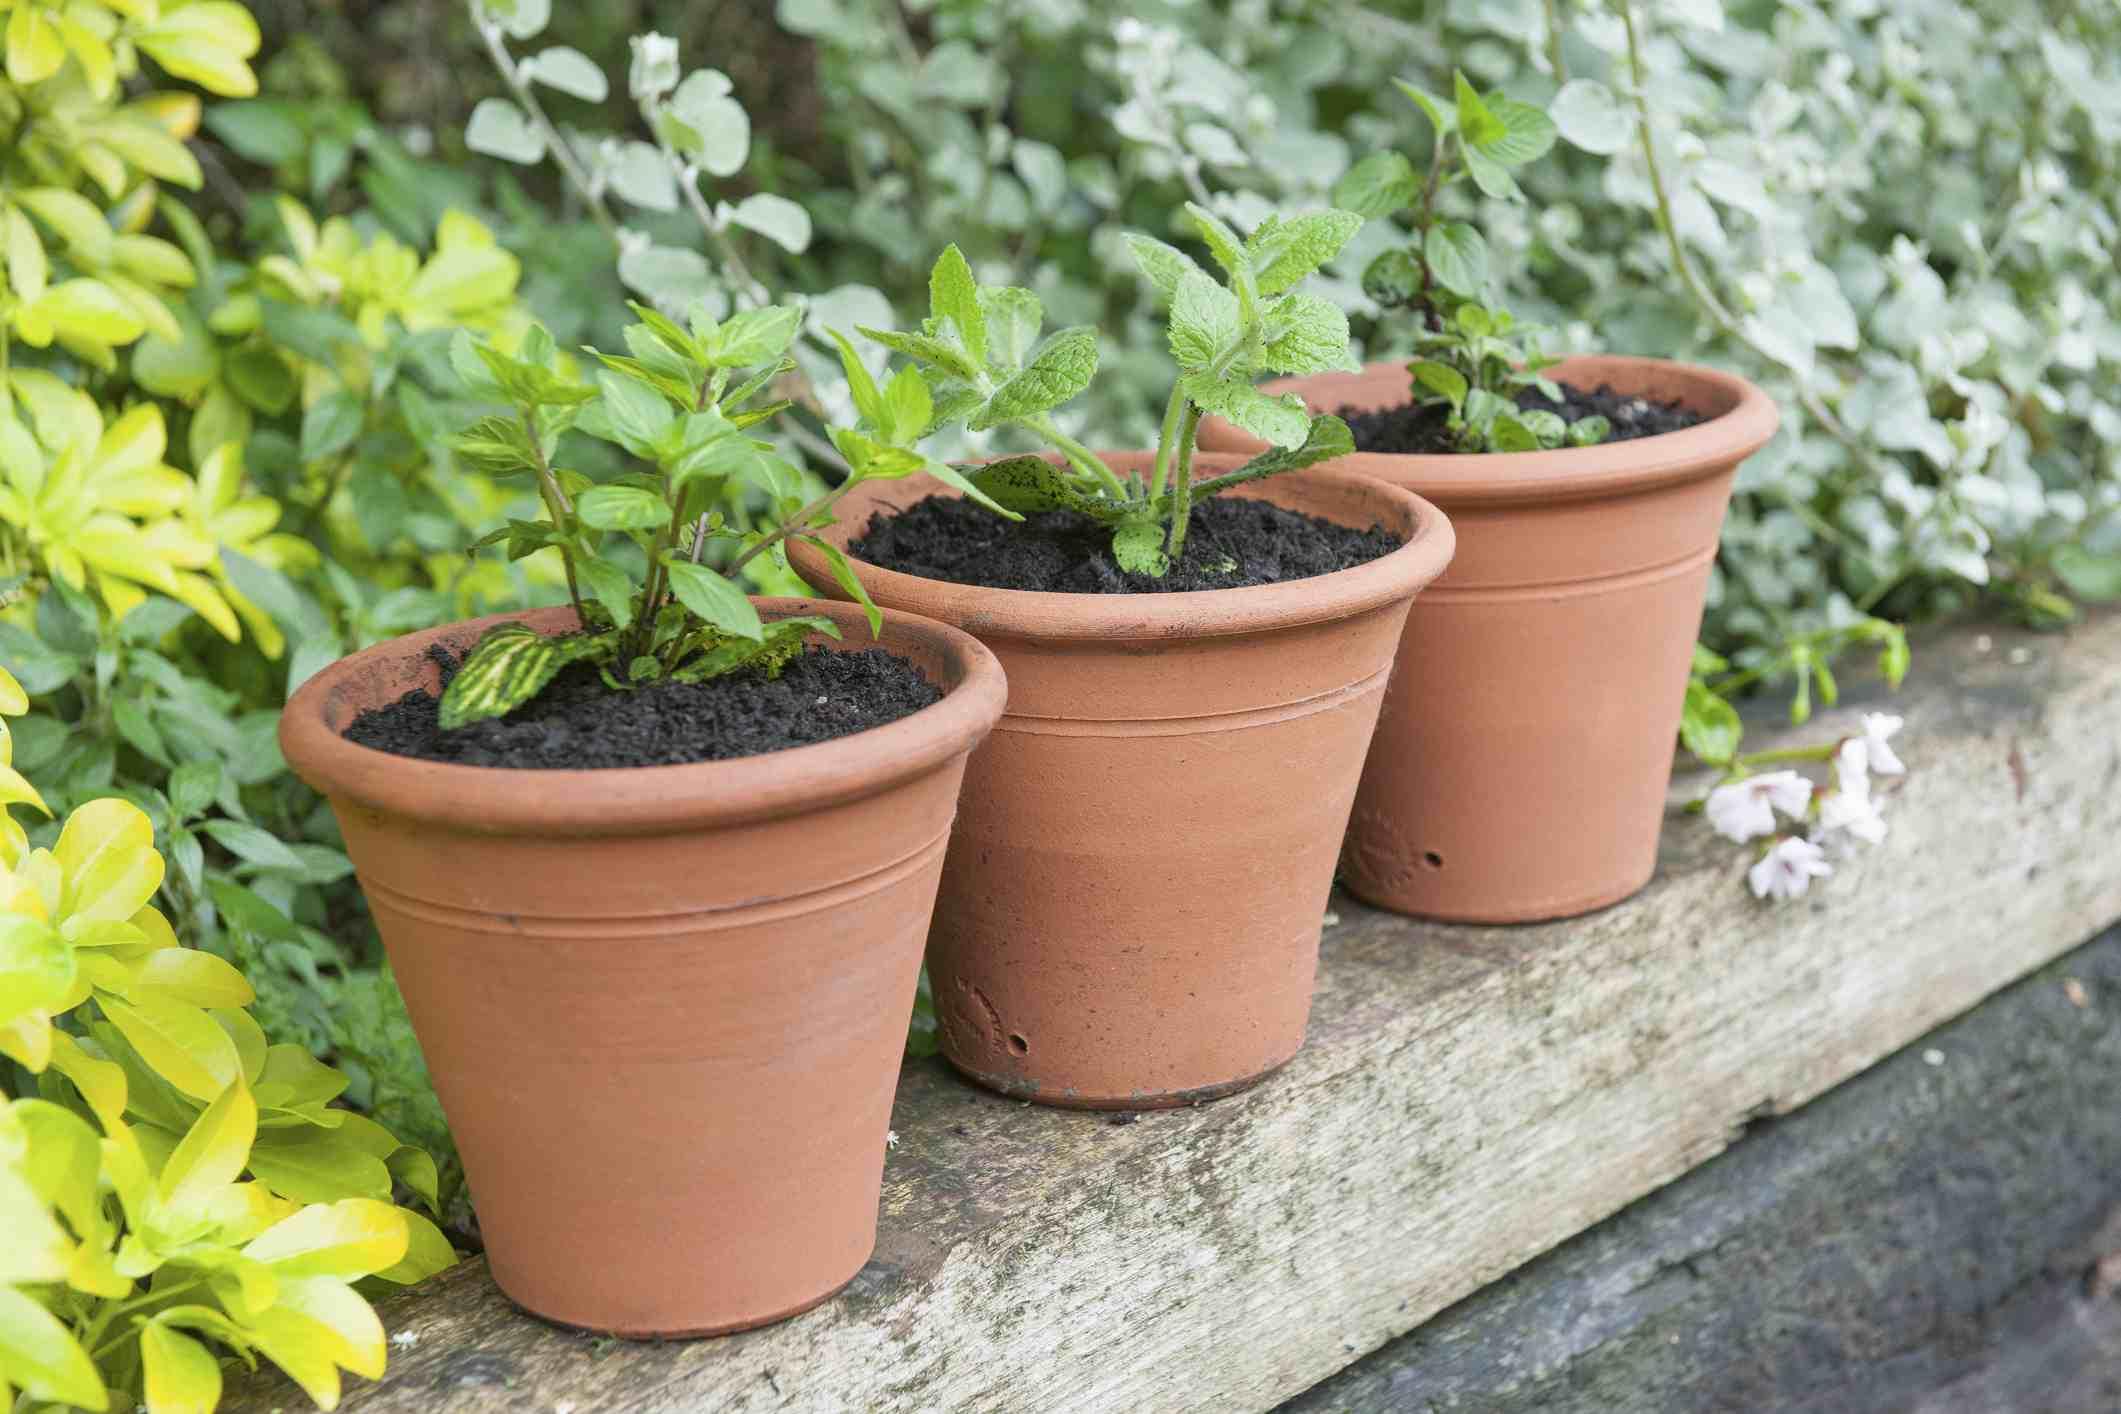 Potted mint plants